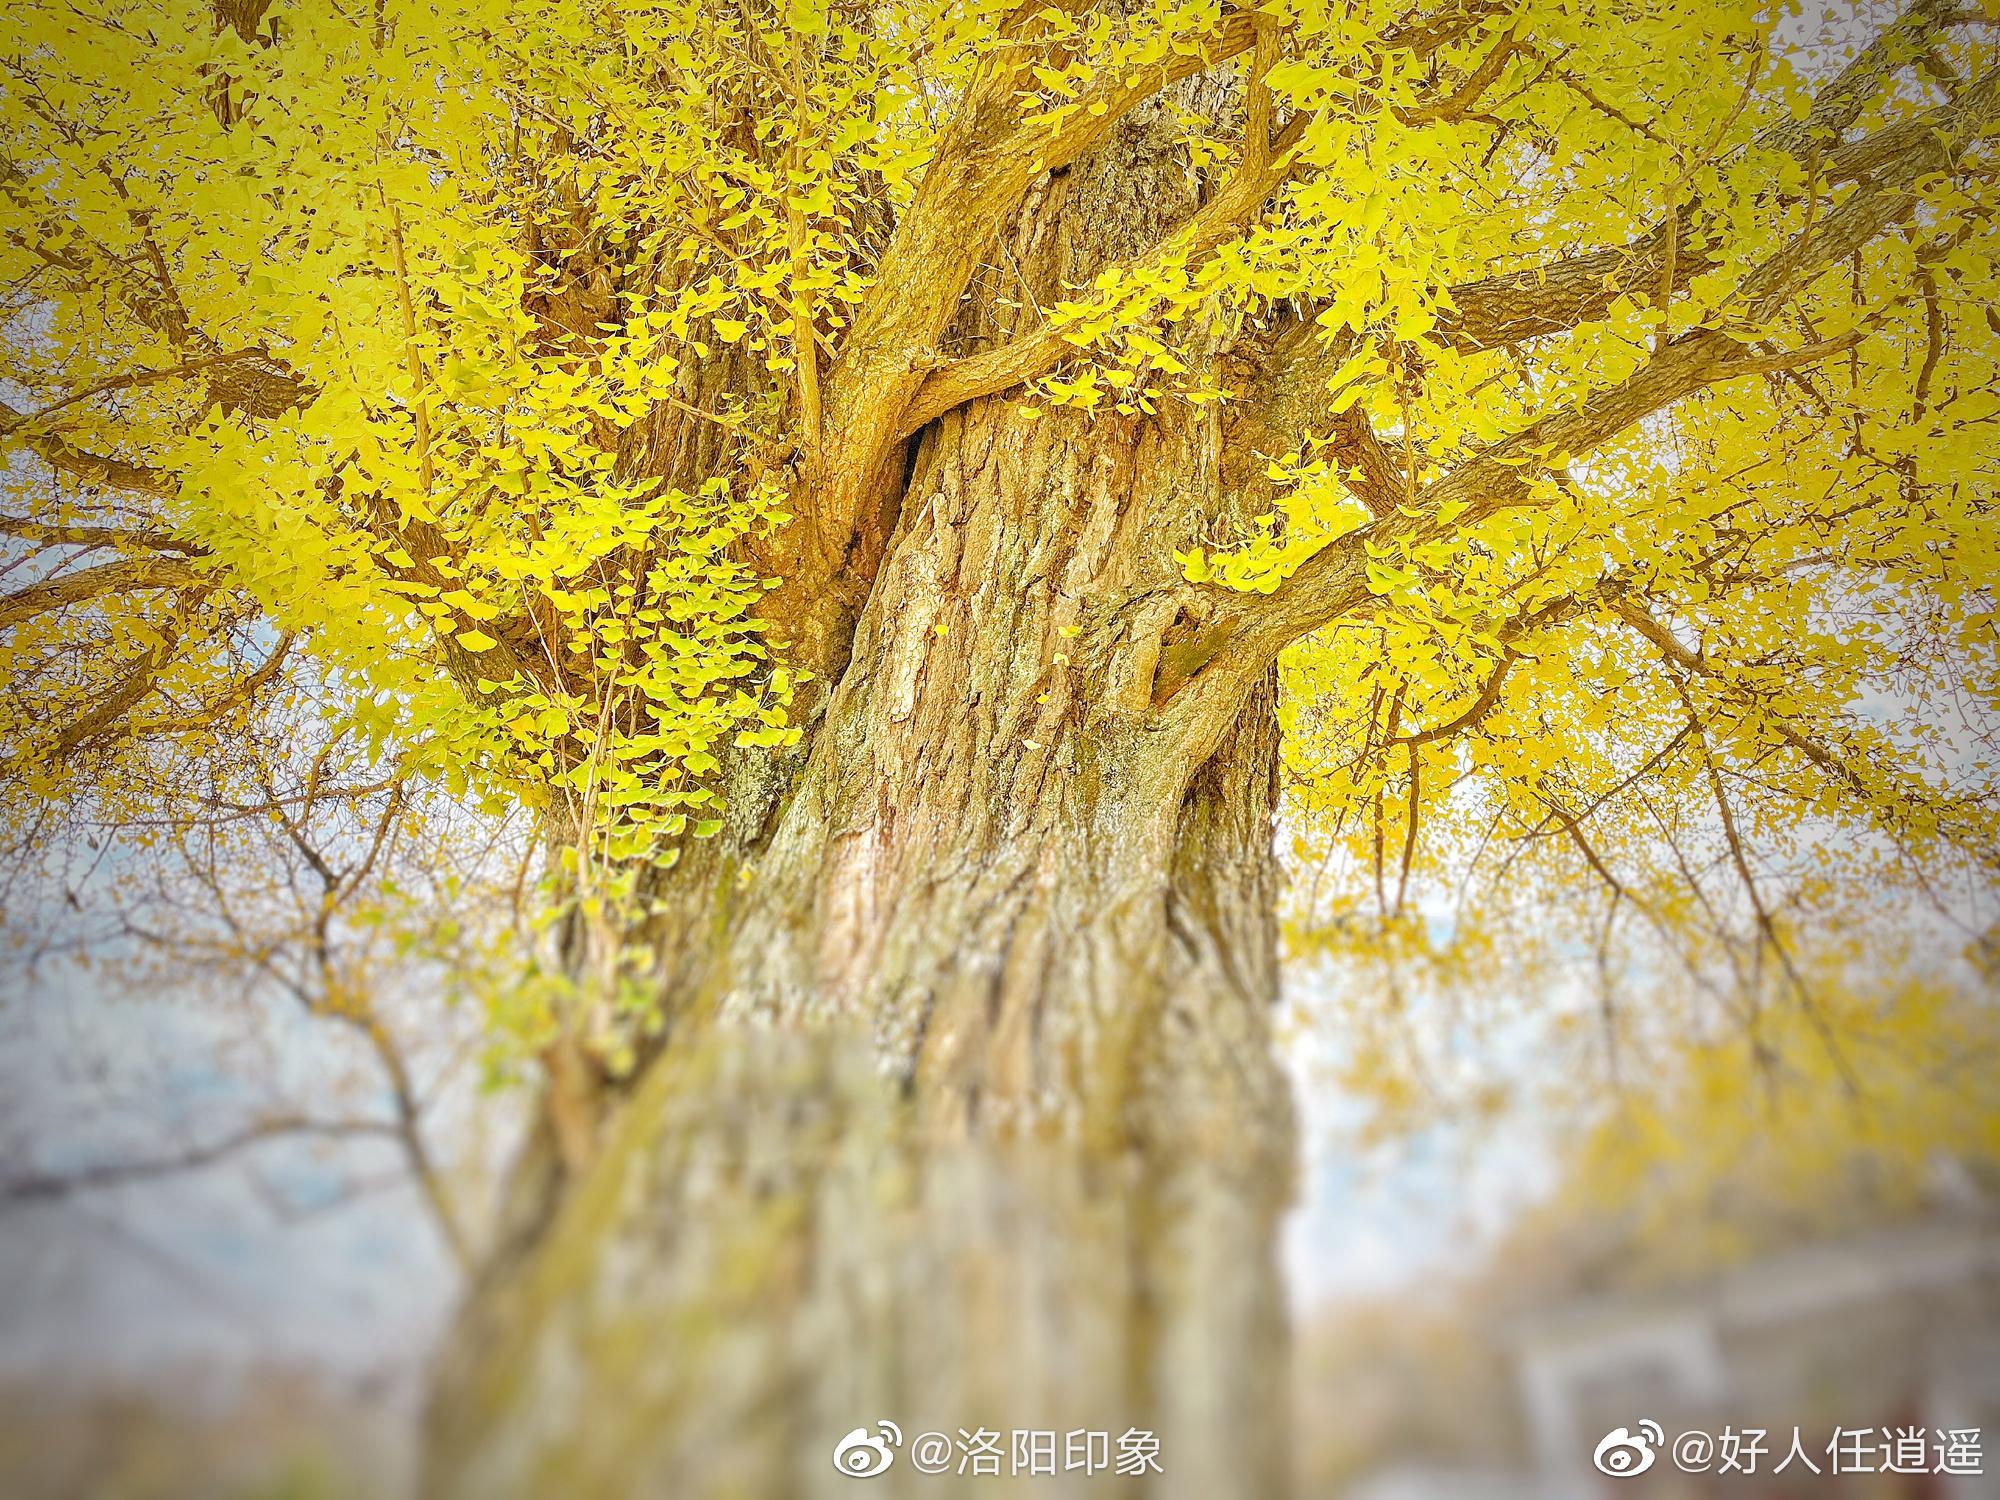 千年古树,银杏秋韵。:@好人任逍遥 摄于汝阳